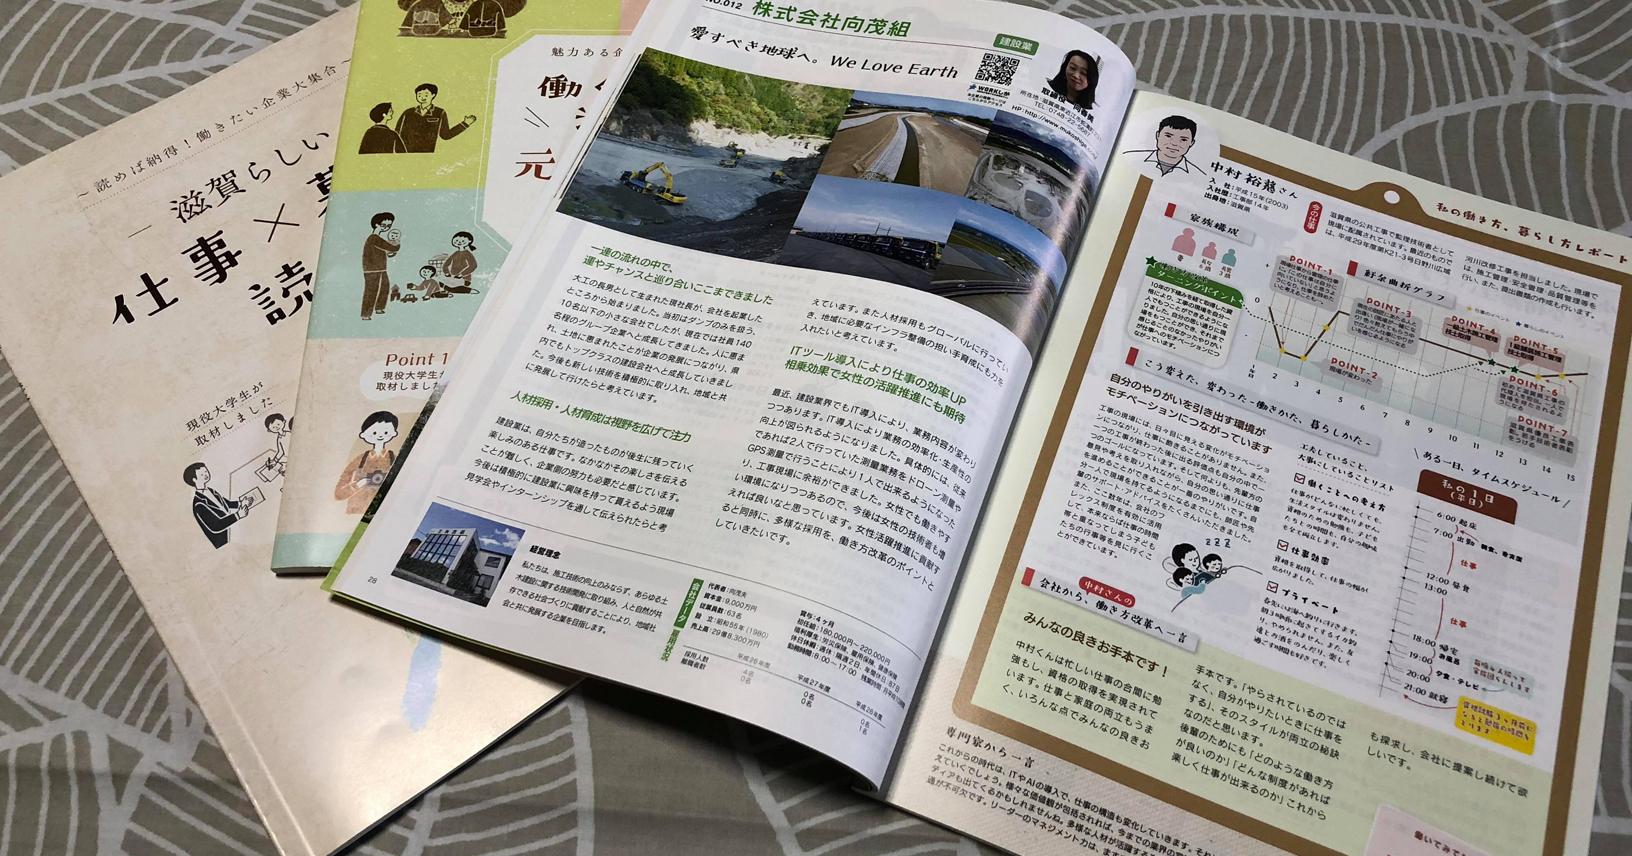 平成28,29年度 中小企業働き方改革推進事業(滋賀県)